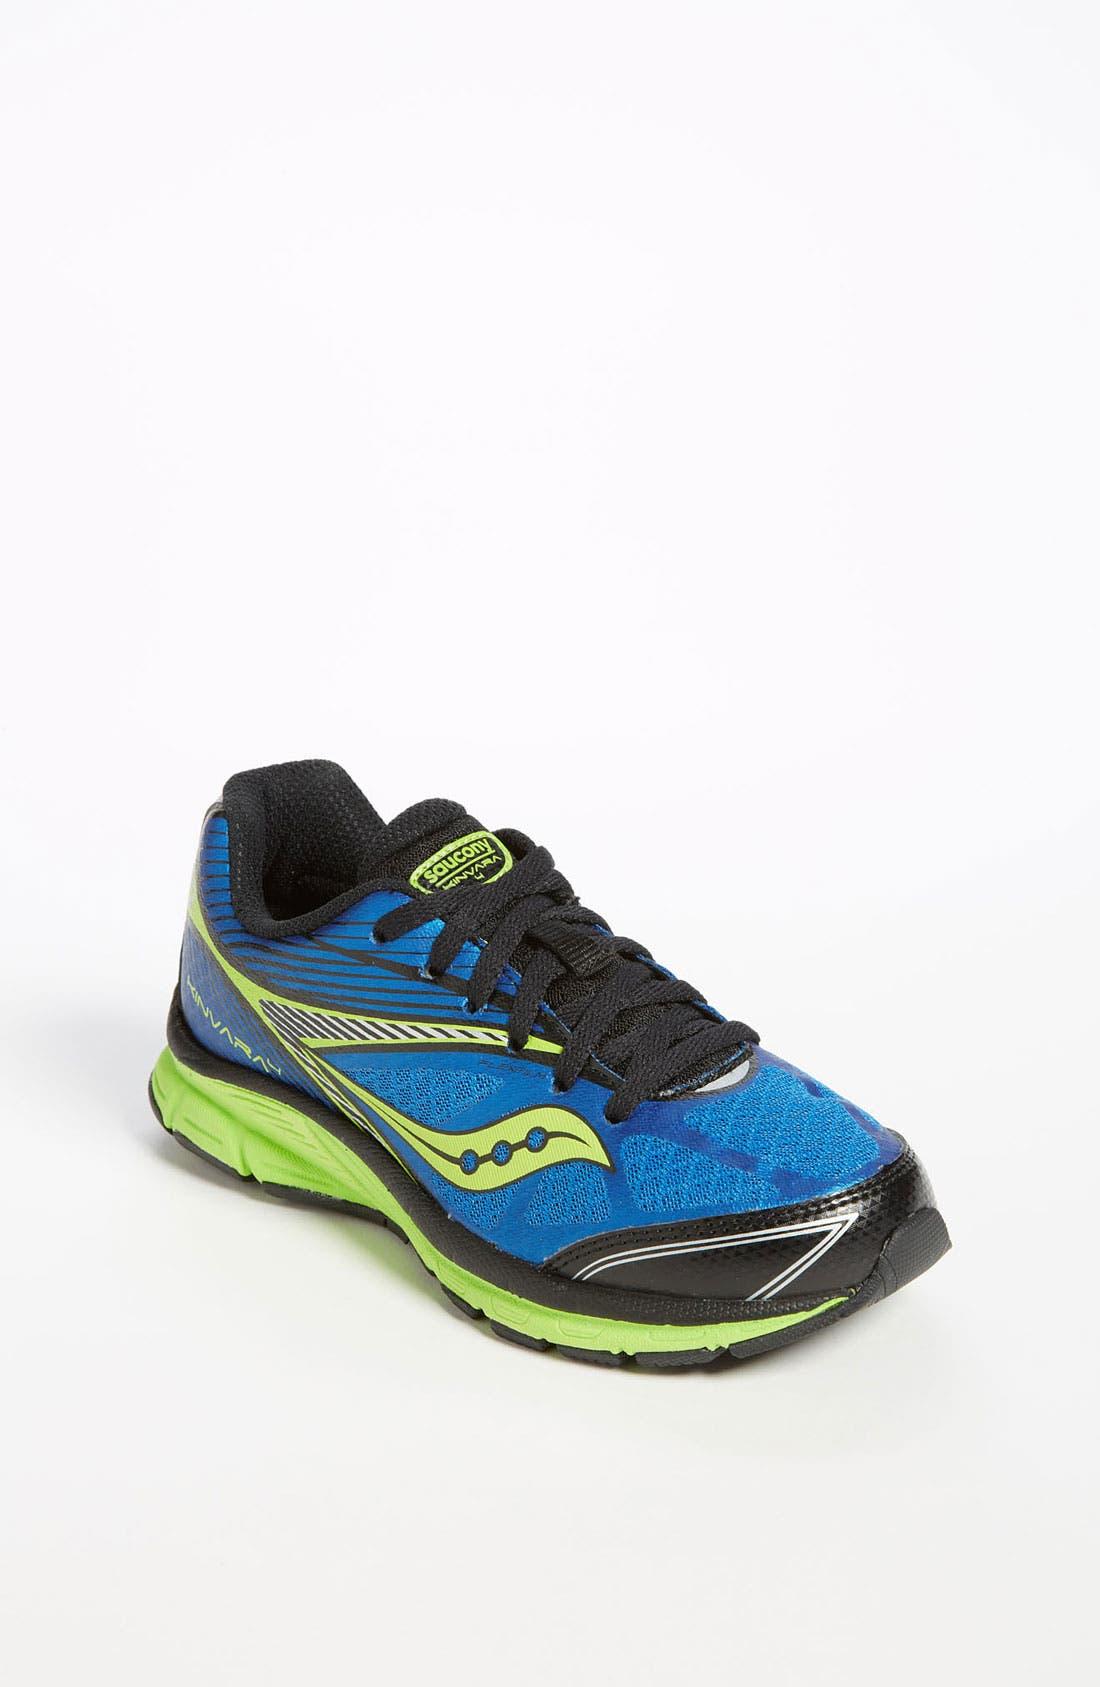 Alternate Image 1 Selected - Saucony 'Kinvara' Athletic Shoe (Toddler, Little Kid & Big Kid) (Online Only)